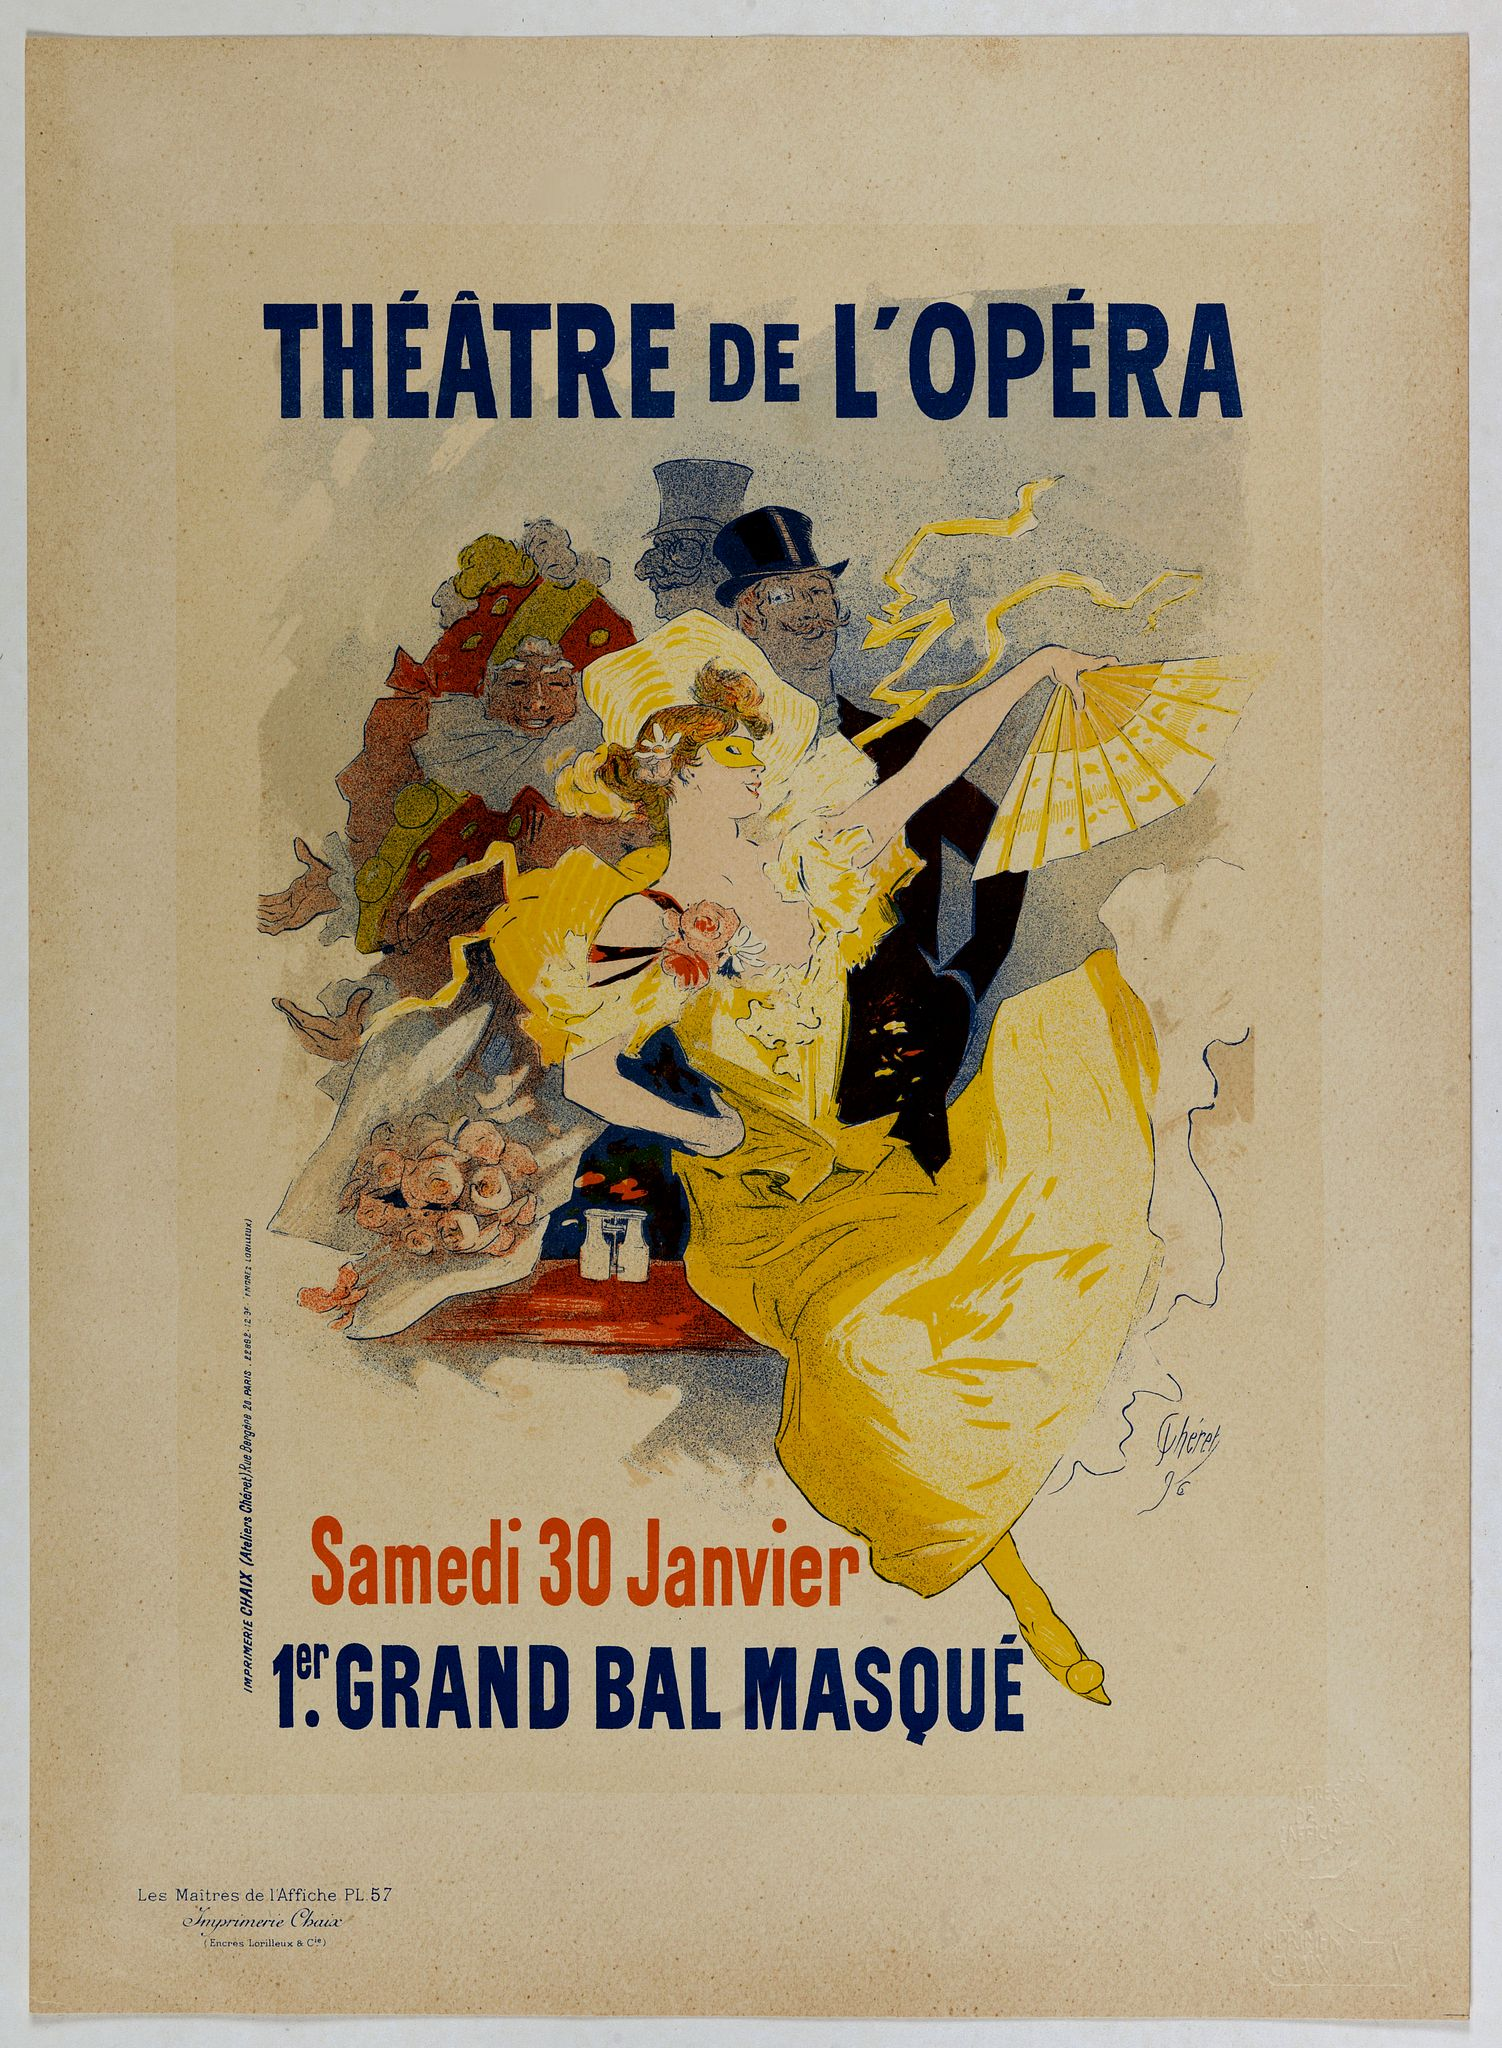 CHERET, J. -  Théâtre de l'Opéra.